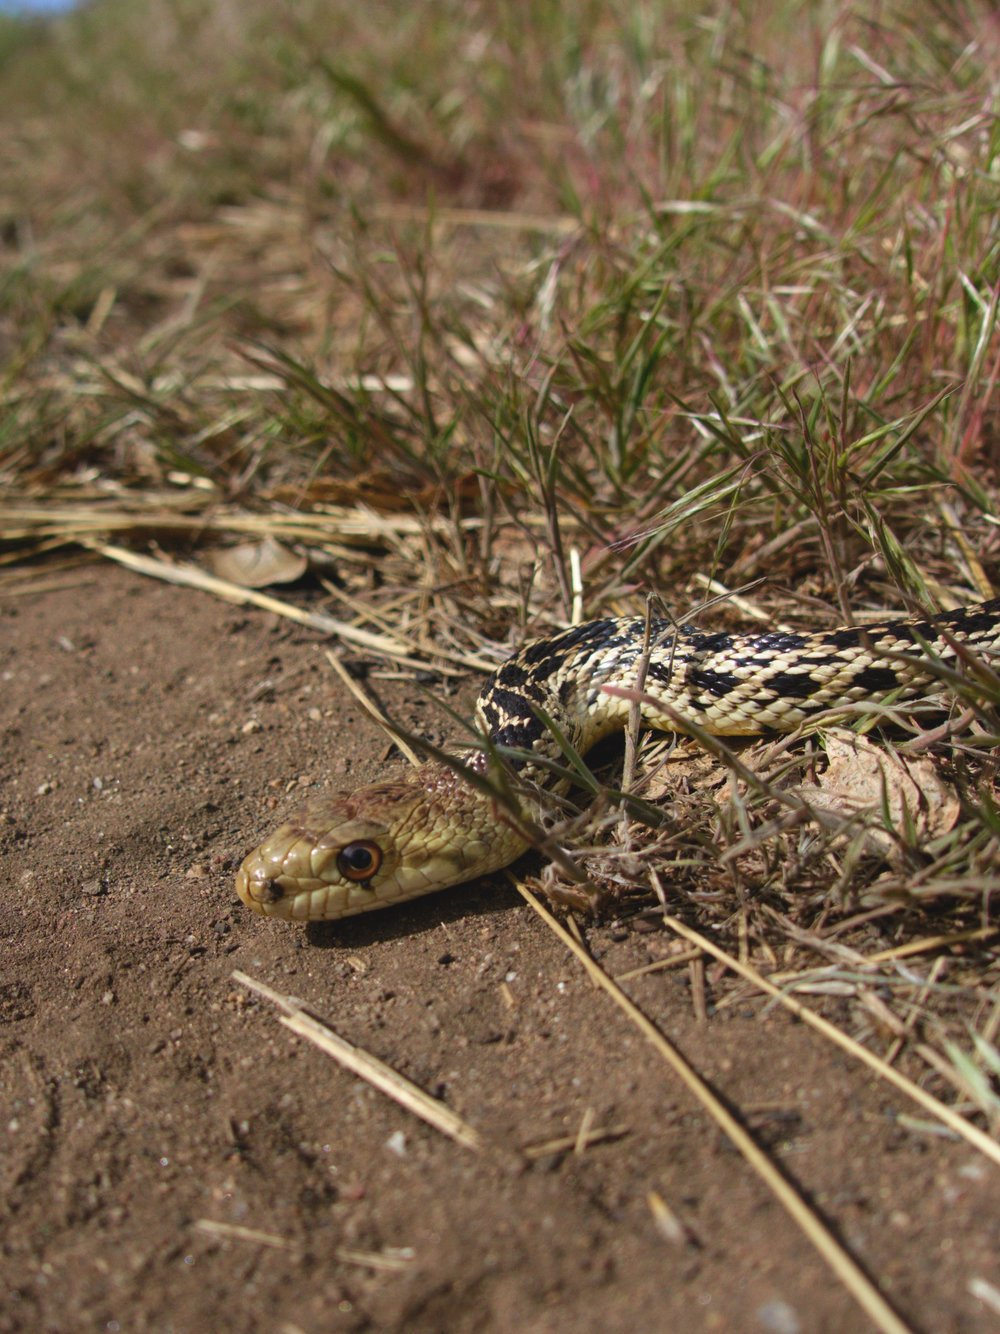 Little snake photo shoot.